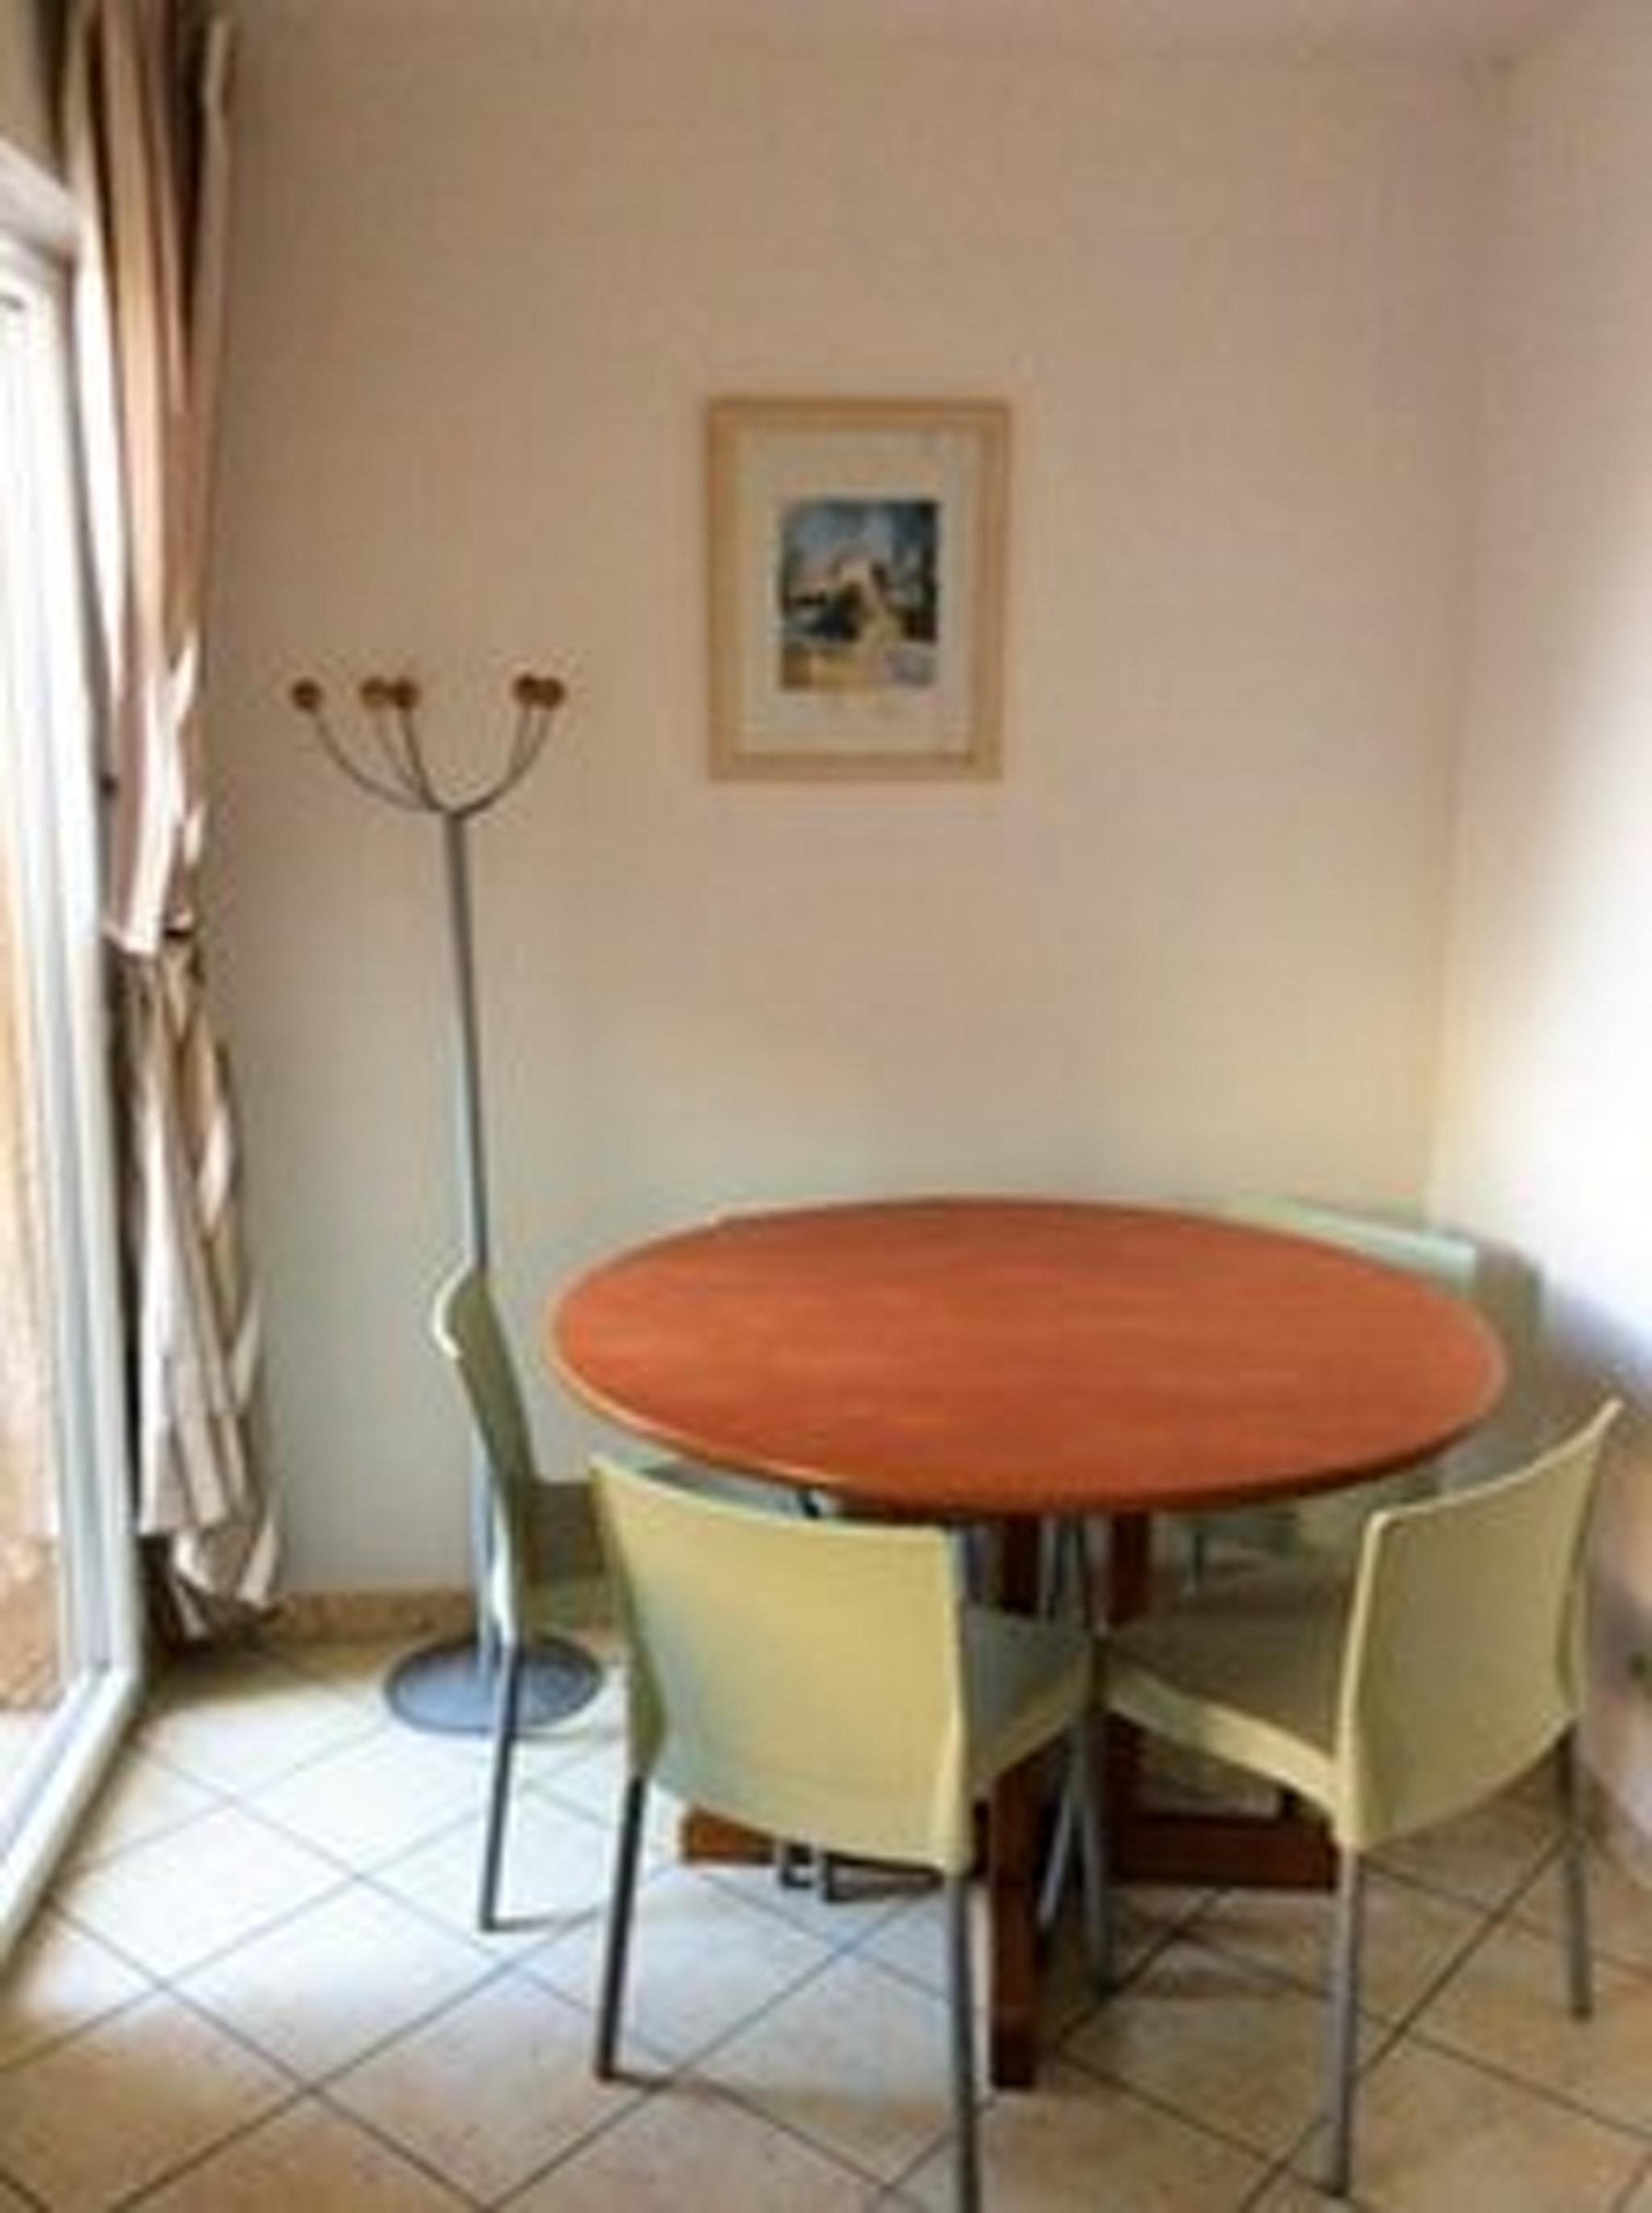 Ferienhaus Villa mit 2 Zimmern in Valras-Plage mit Pool und eingezäuntem Garten - 50 m vom Strand ent (2218190), Valras Plage, Mittelmeerküste Hérault, Languedoc-Roussillon, Frankreich, Bild 7